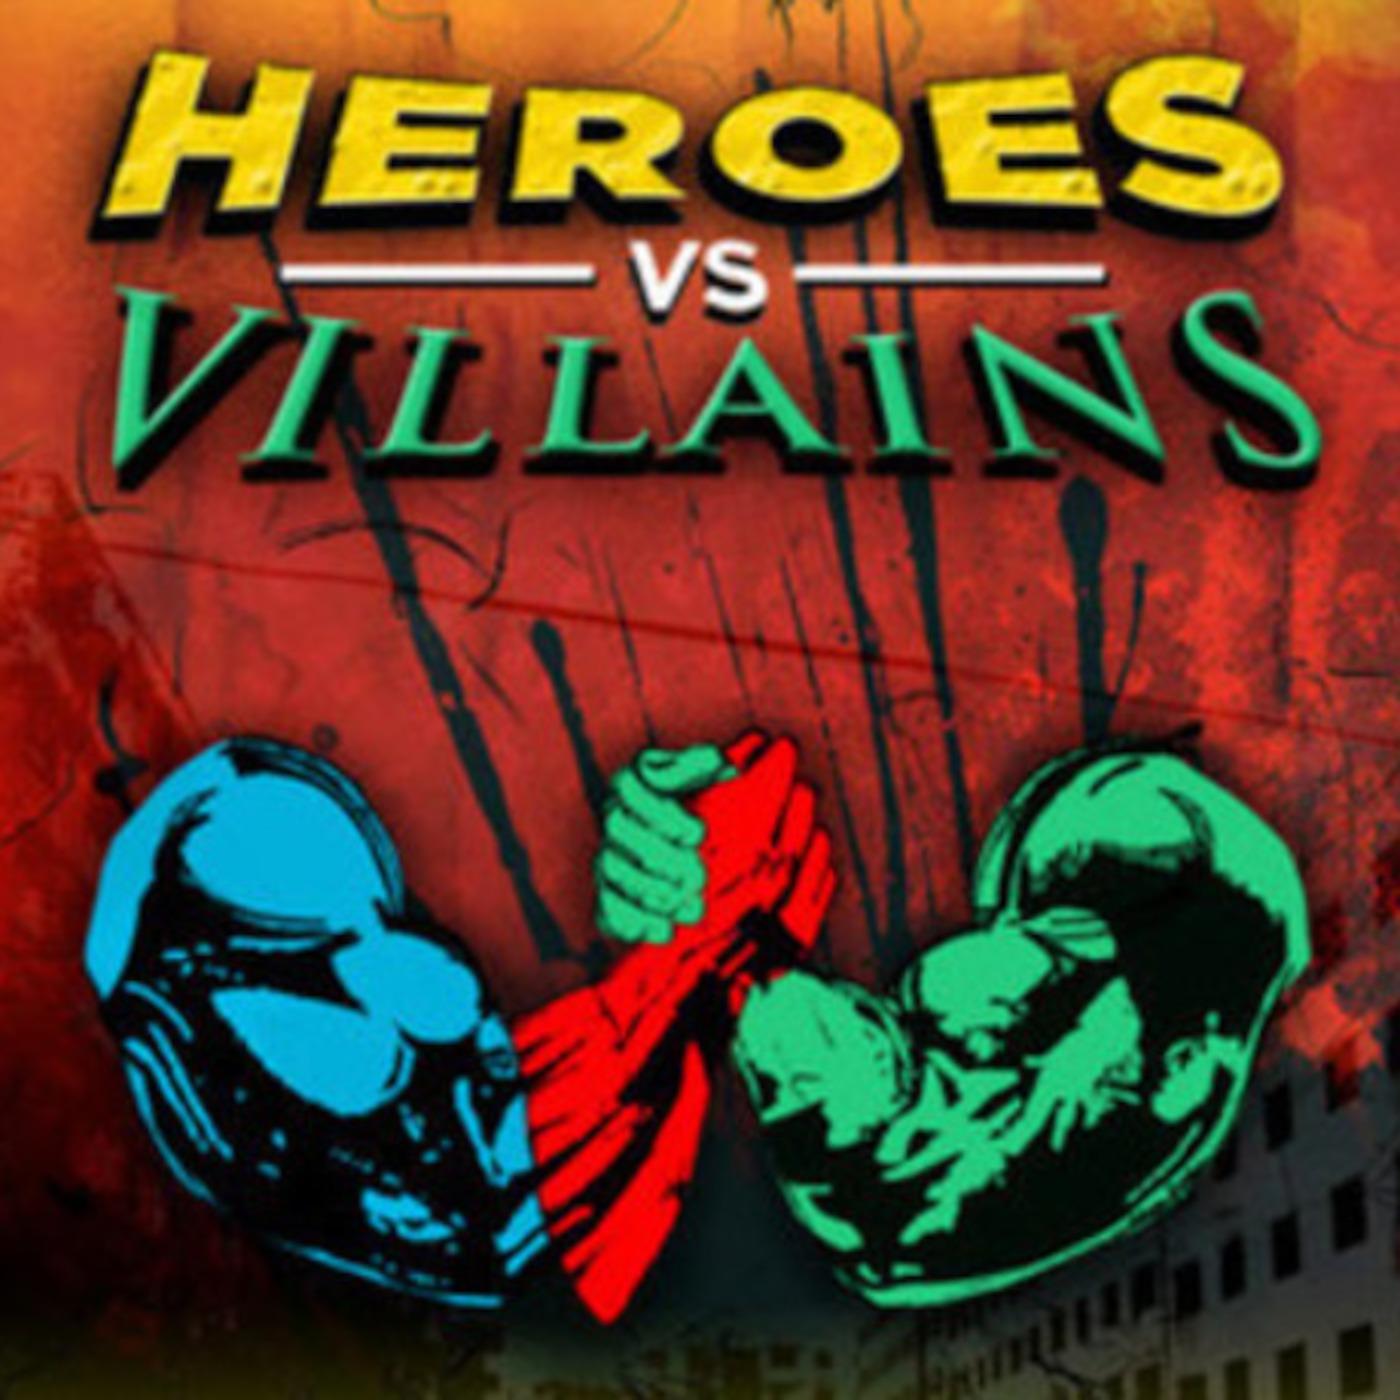 Heros villians porn pics softcore images